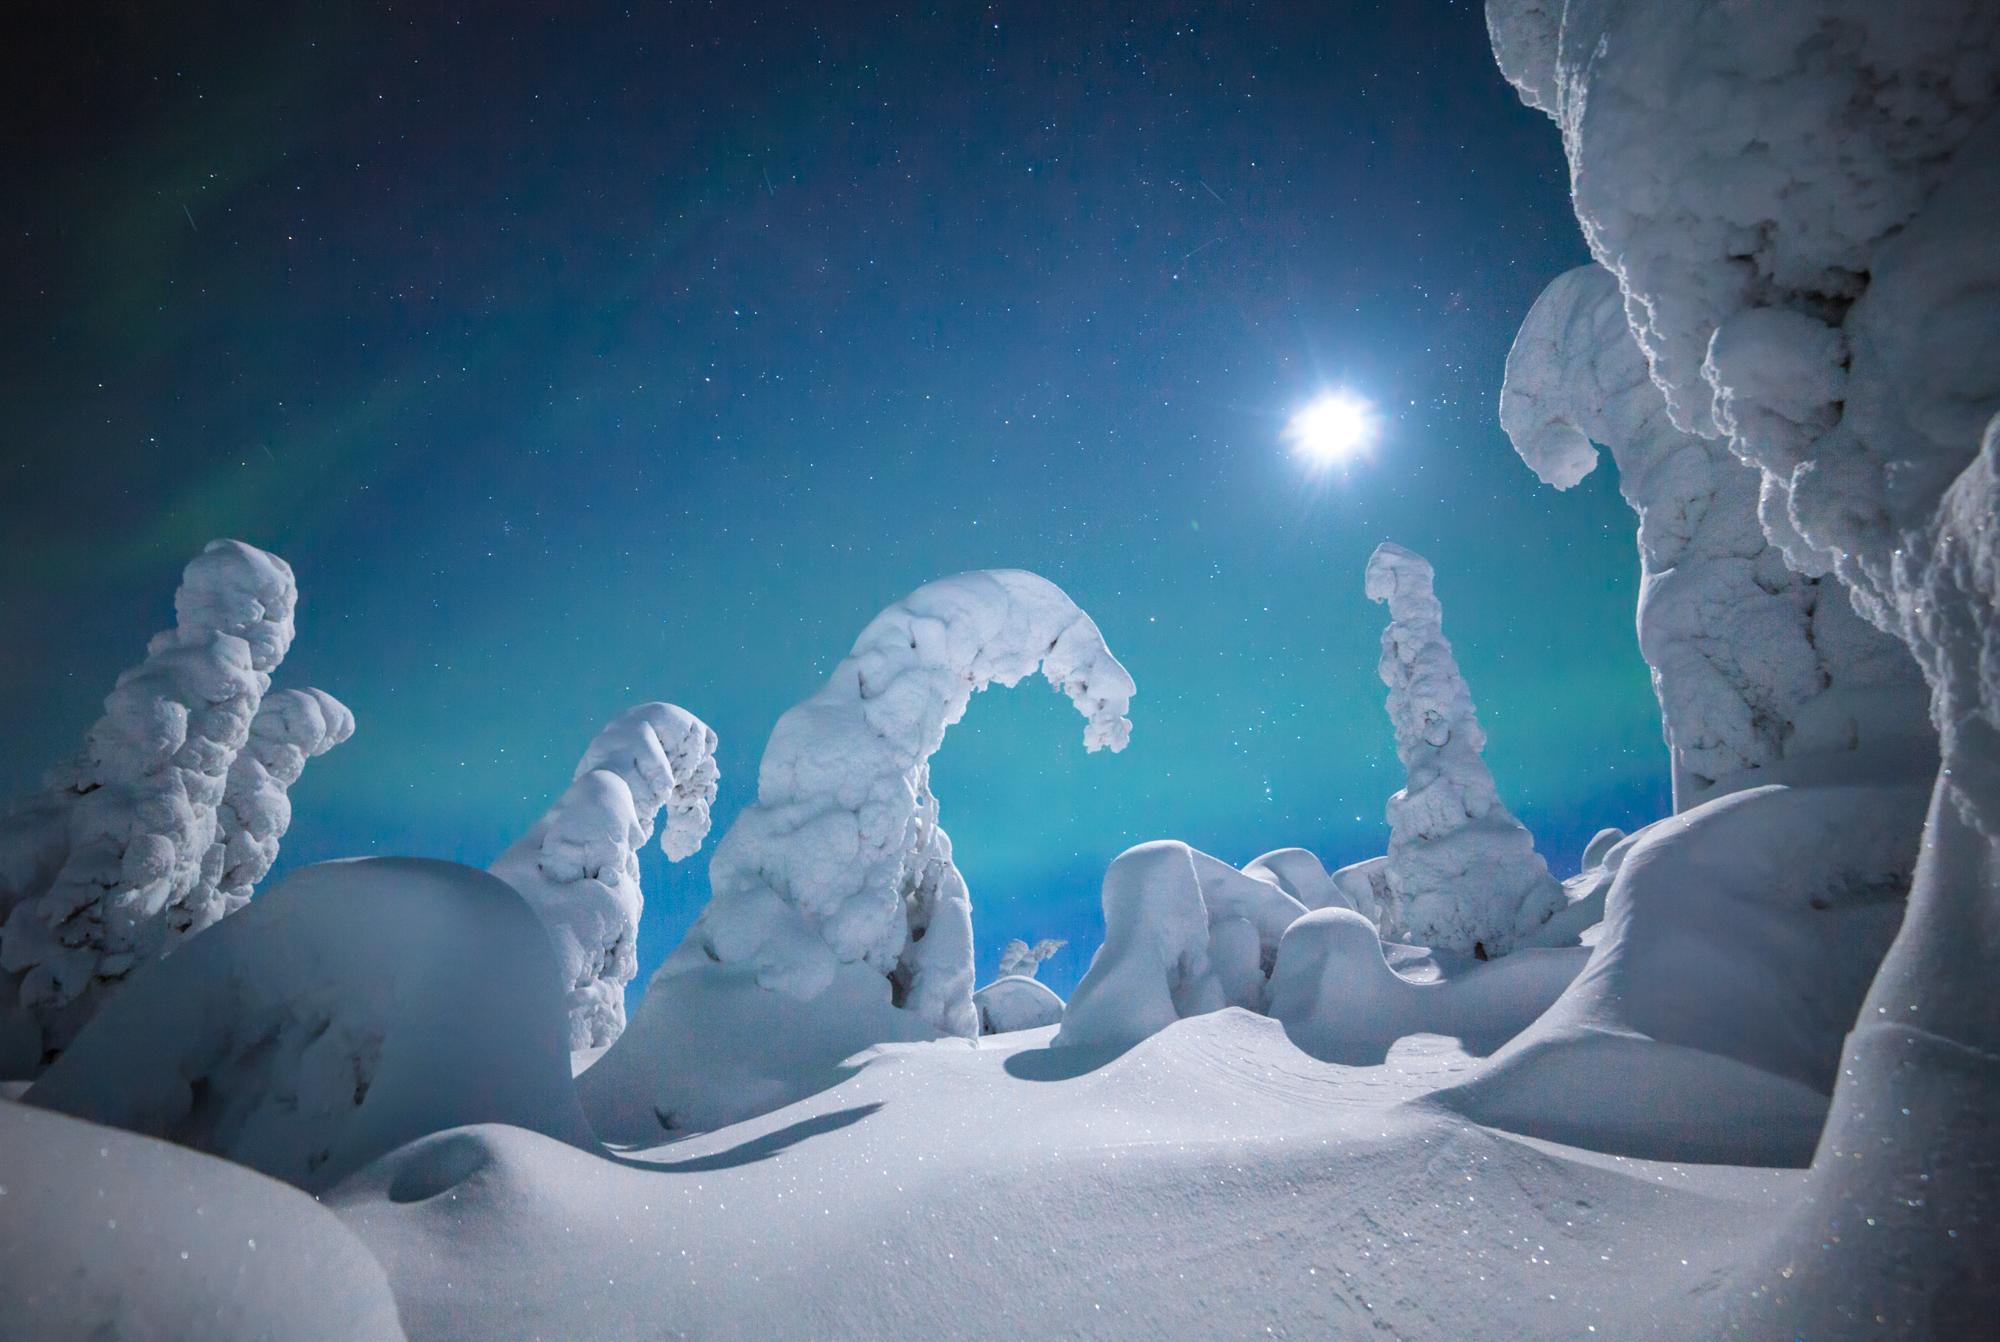 northern_lights_aurora_forest_winter.jpg